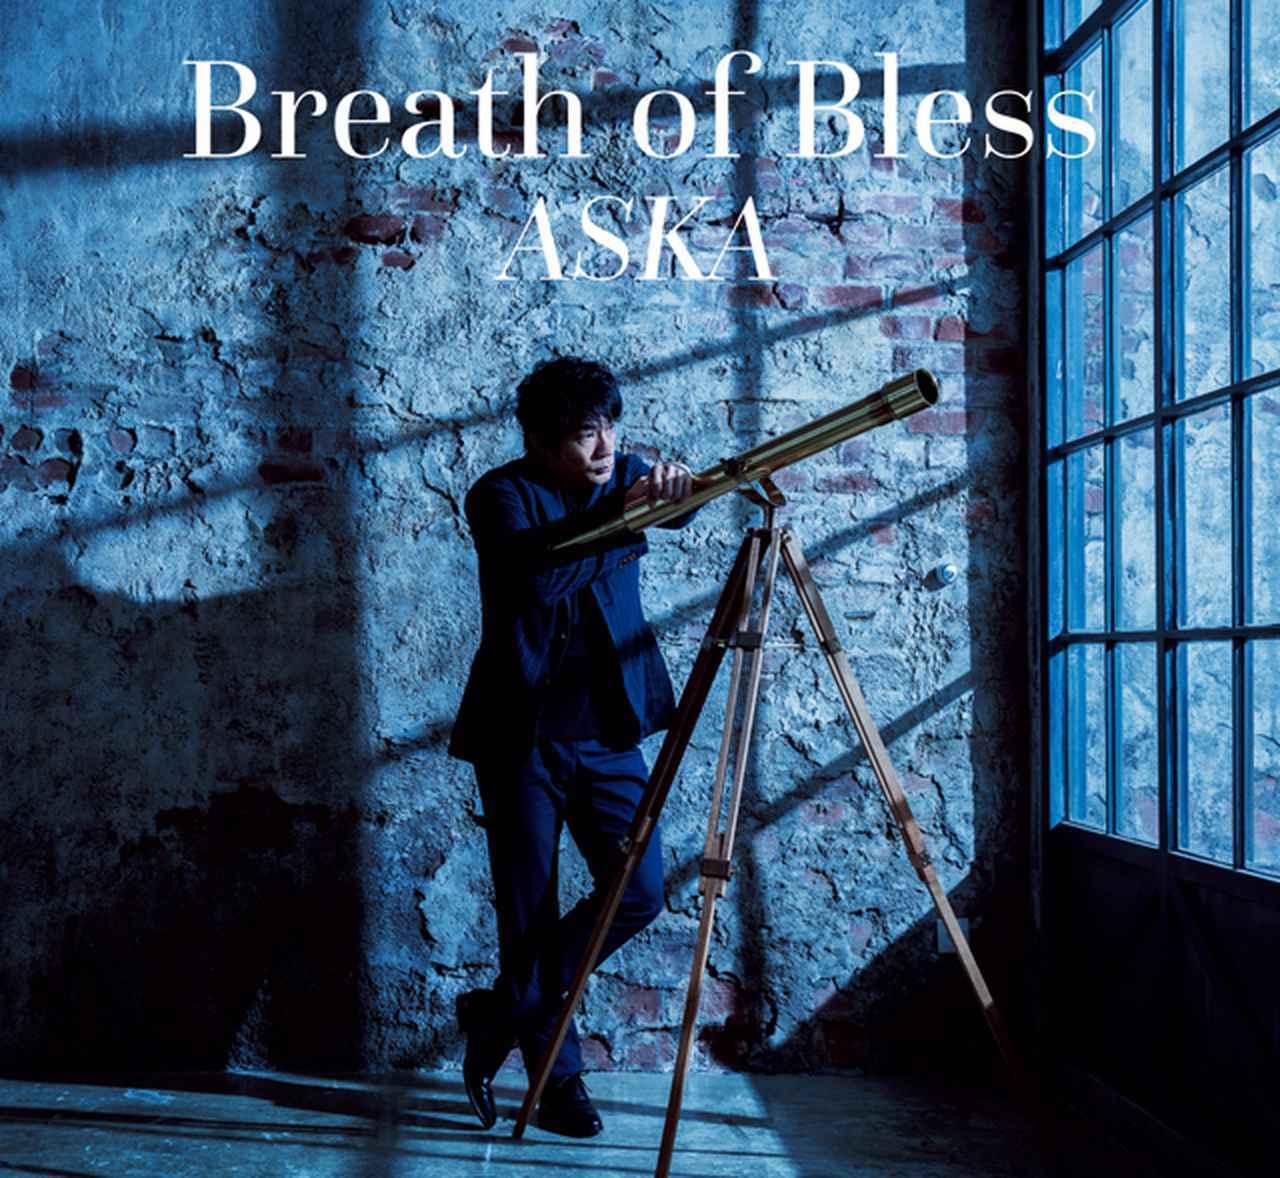 画像: Breath of Bless/ASKA